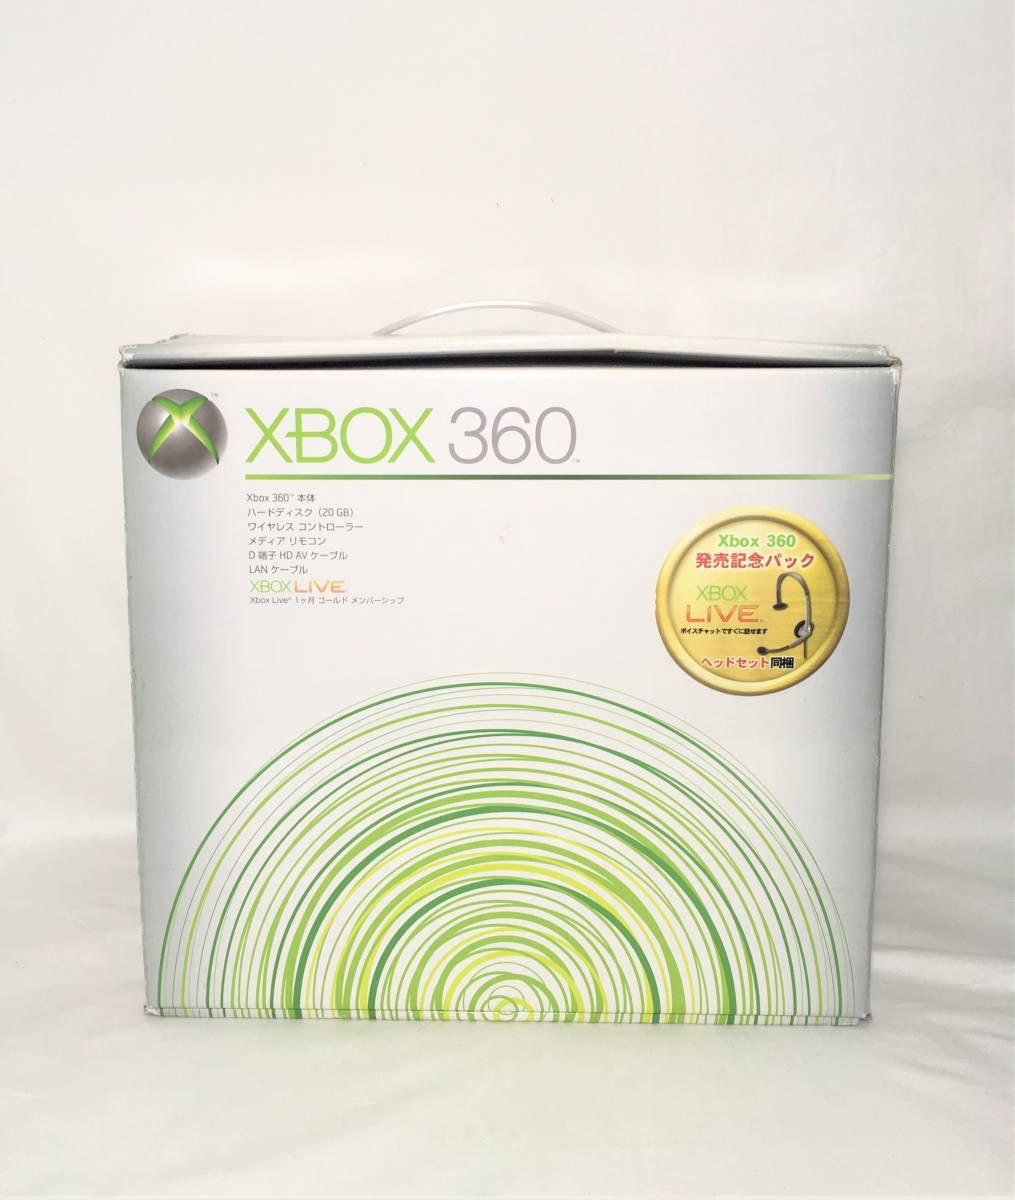 ☆1円~新品未使用 Microsoft Xbox360 発売記念パック LIVEヘッドセット同梱